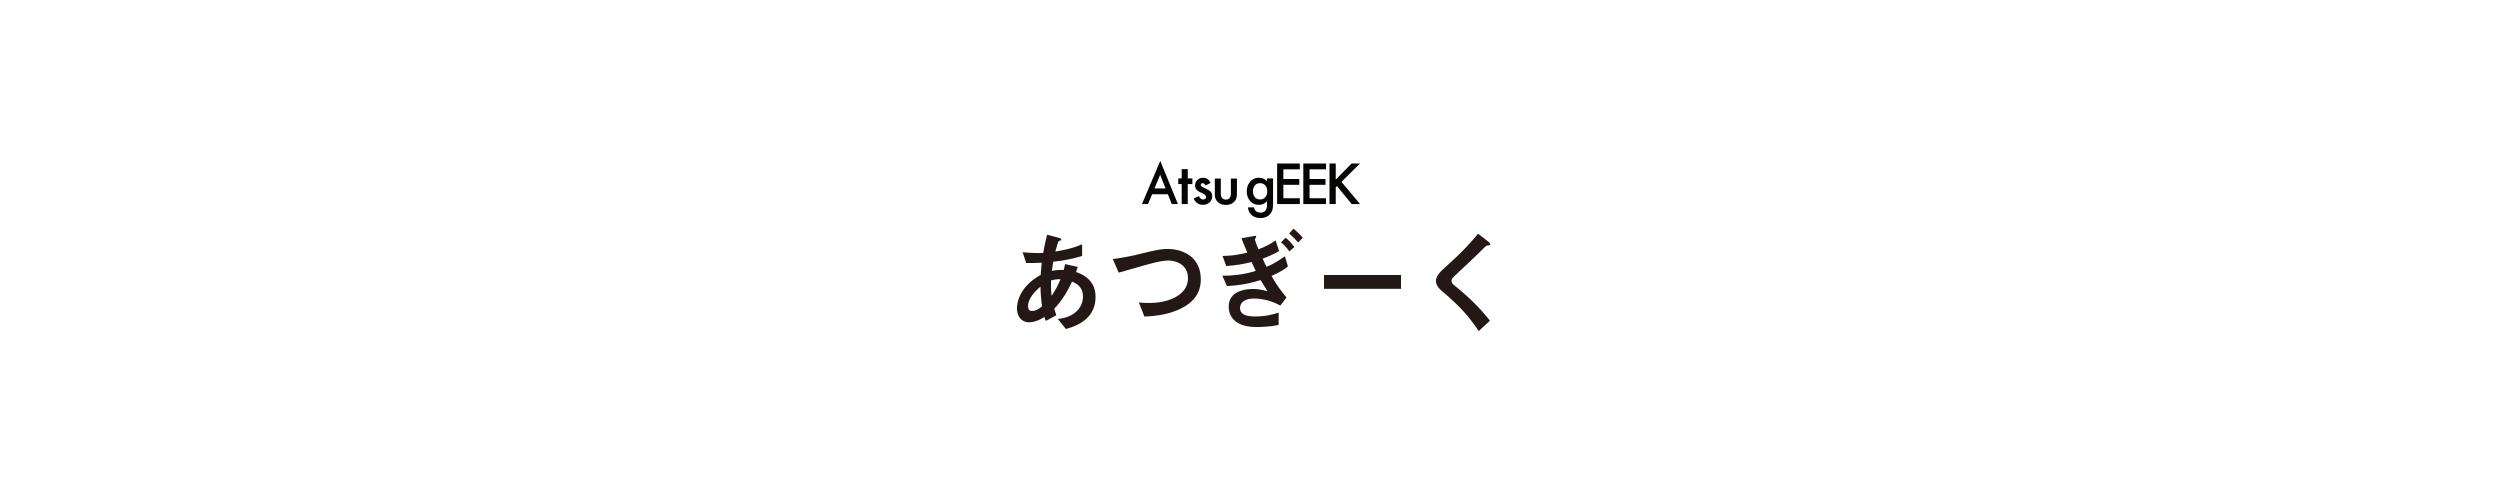 Atsugeek